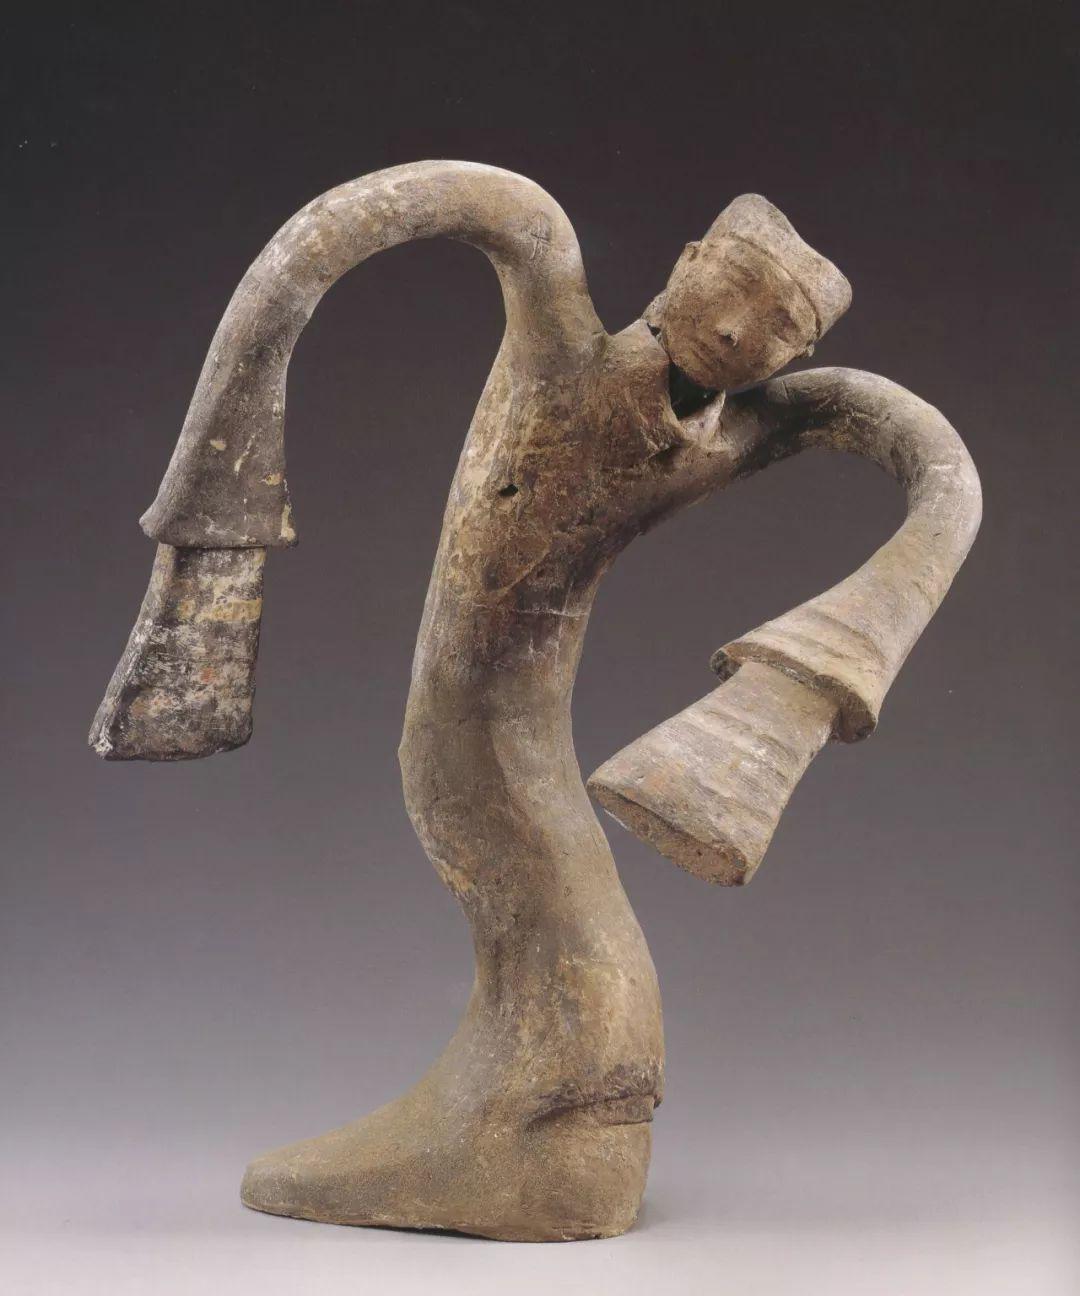 西汉中期以后陶俑出现的新面貌